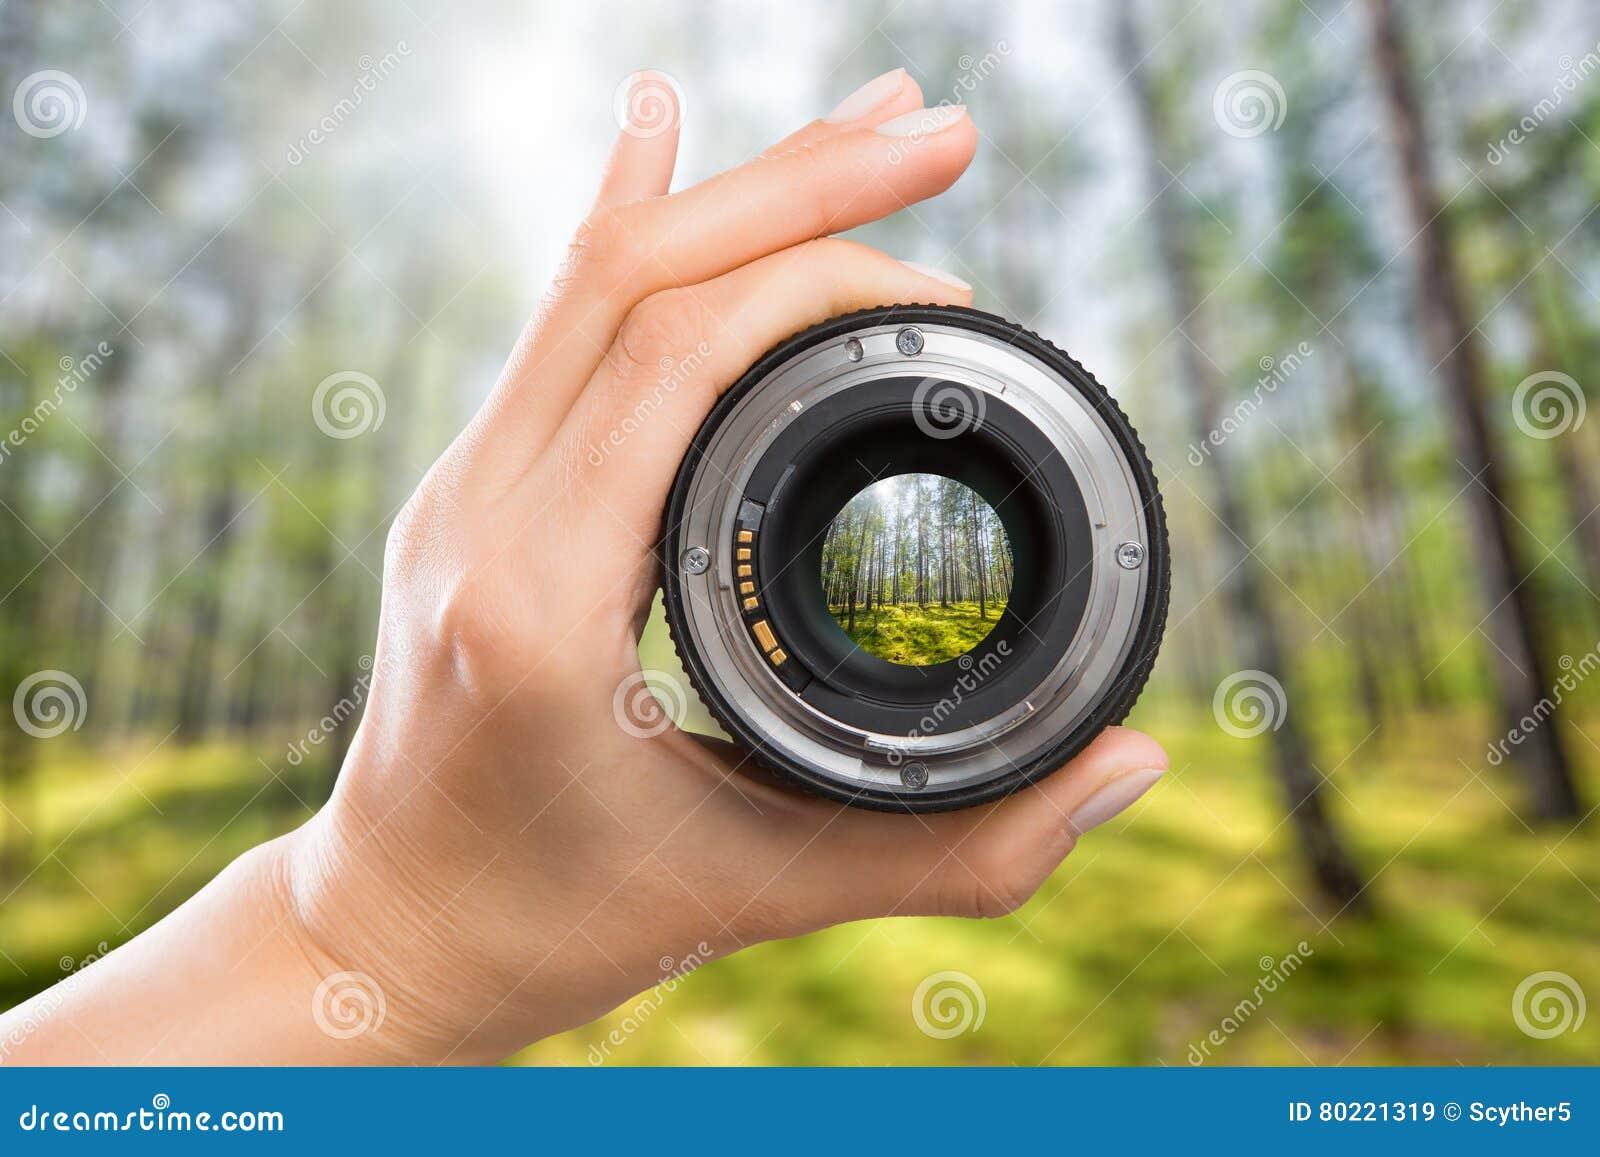 Concepto de la lente de cámara de la fotografía